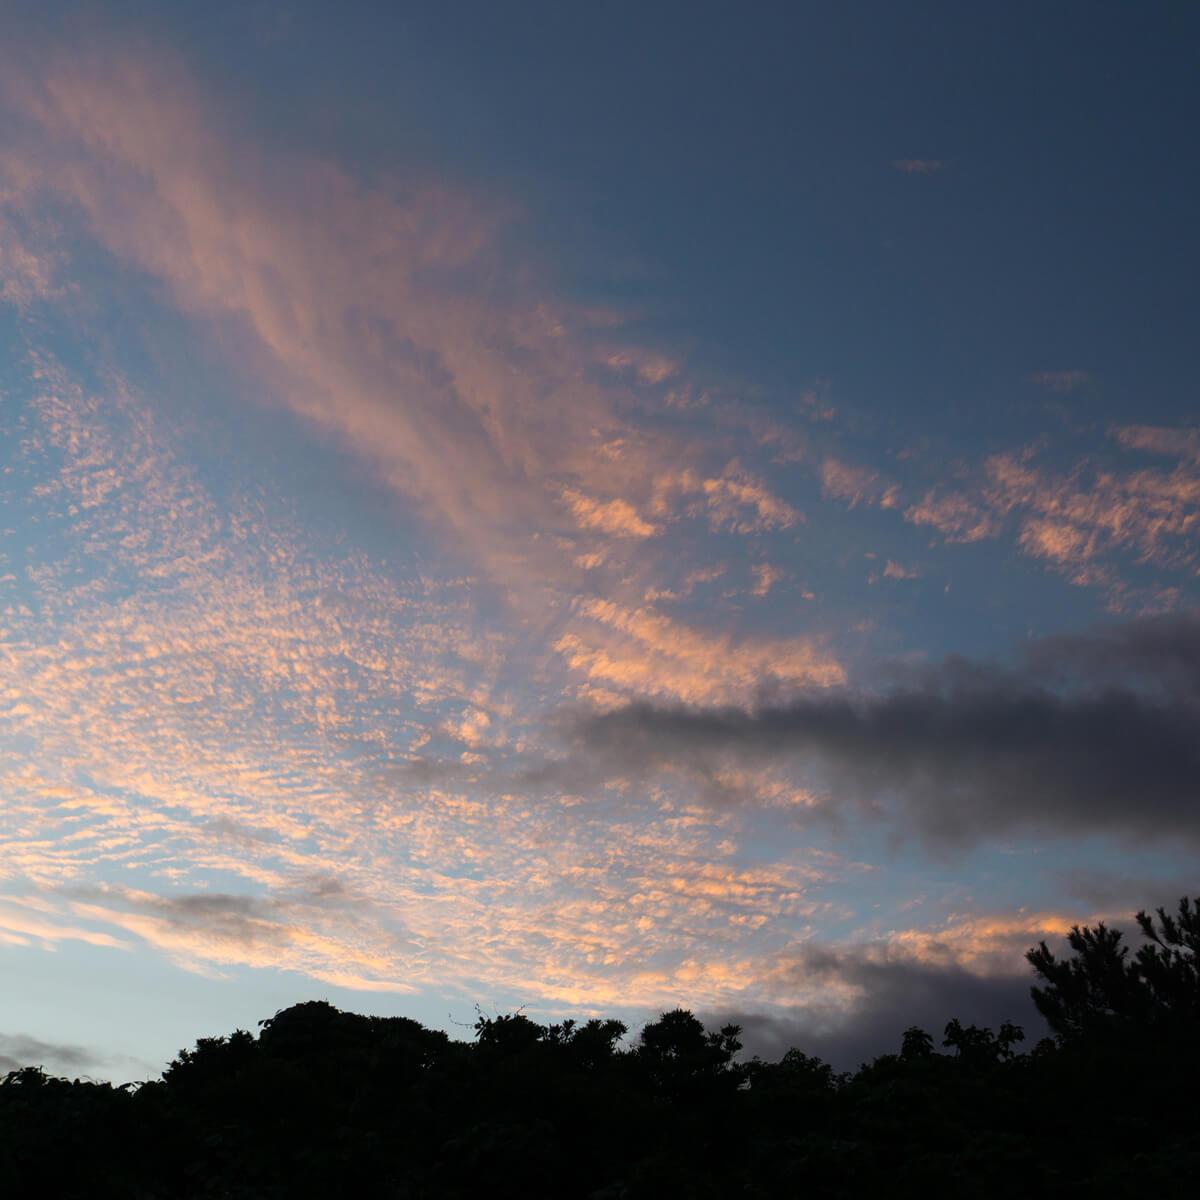 夕暮れ時 ジュエリーのアトリエから見える屋久島の空 屋久島日々の暮らしとジュエリー オーダーメイドマリッジリングのモチーフ